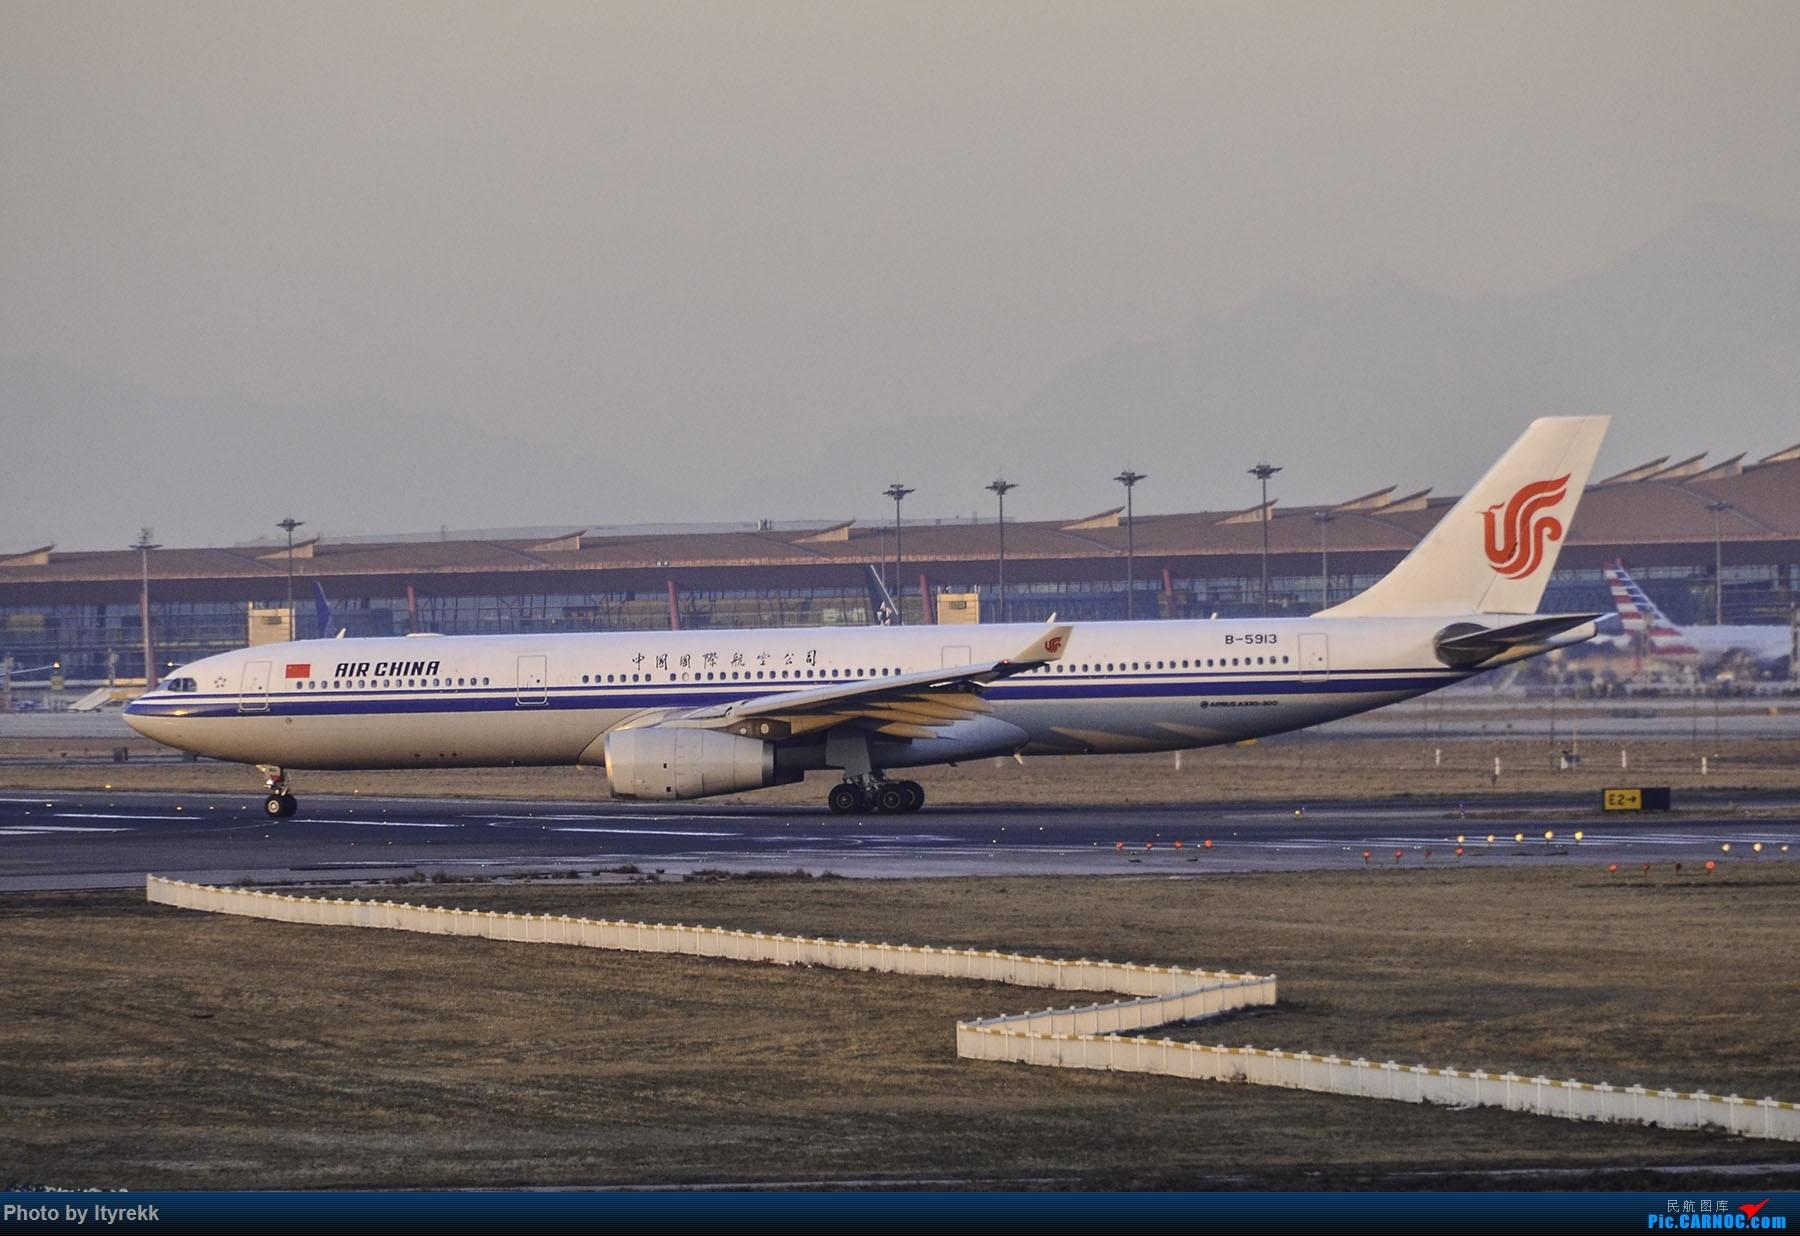 Re:[原创]PEK一日游 收获厦航首架789 B-1566等 AIRBUS A330-300 B-5913 中国北京首都国际机场